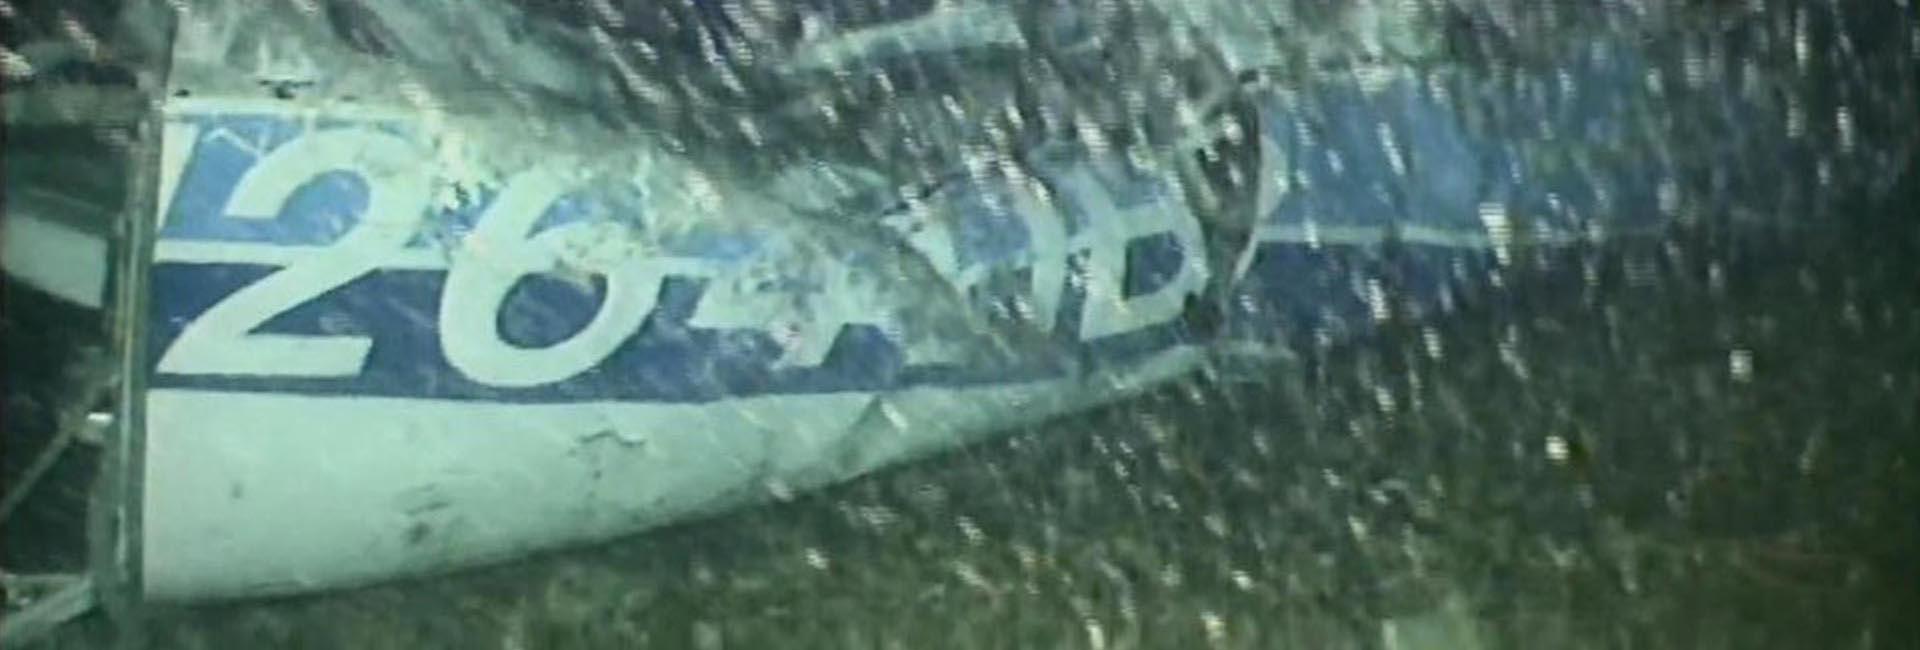 La aeronave no será rescatada de las profundidades (Foto: AAIB)